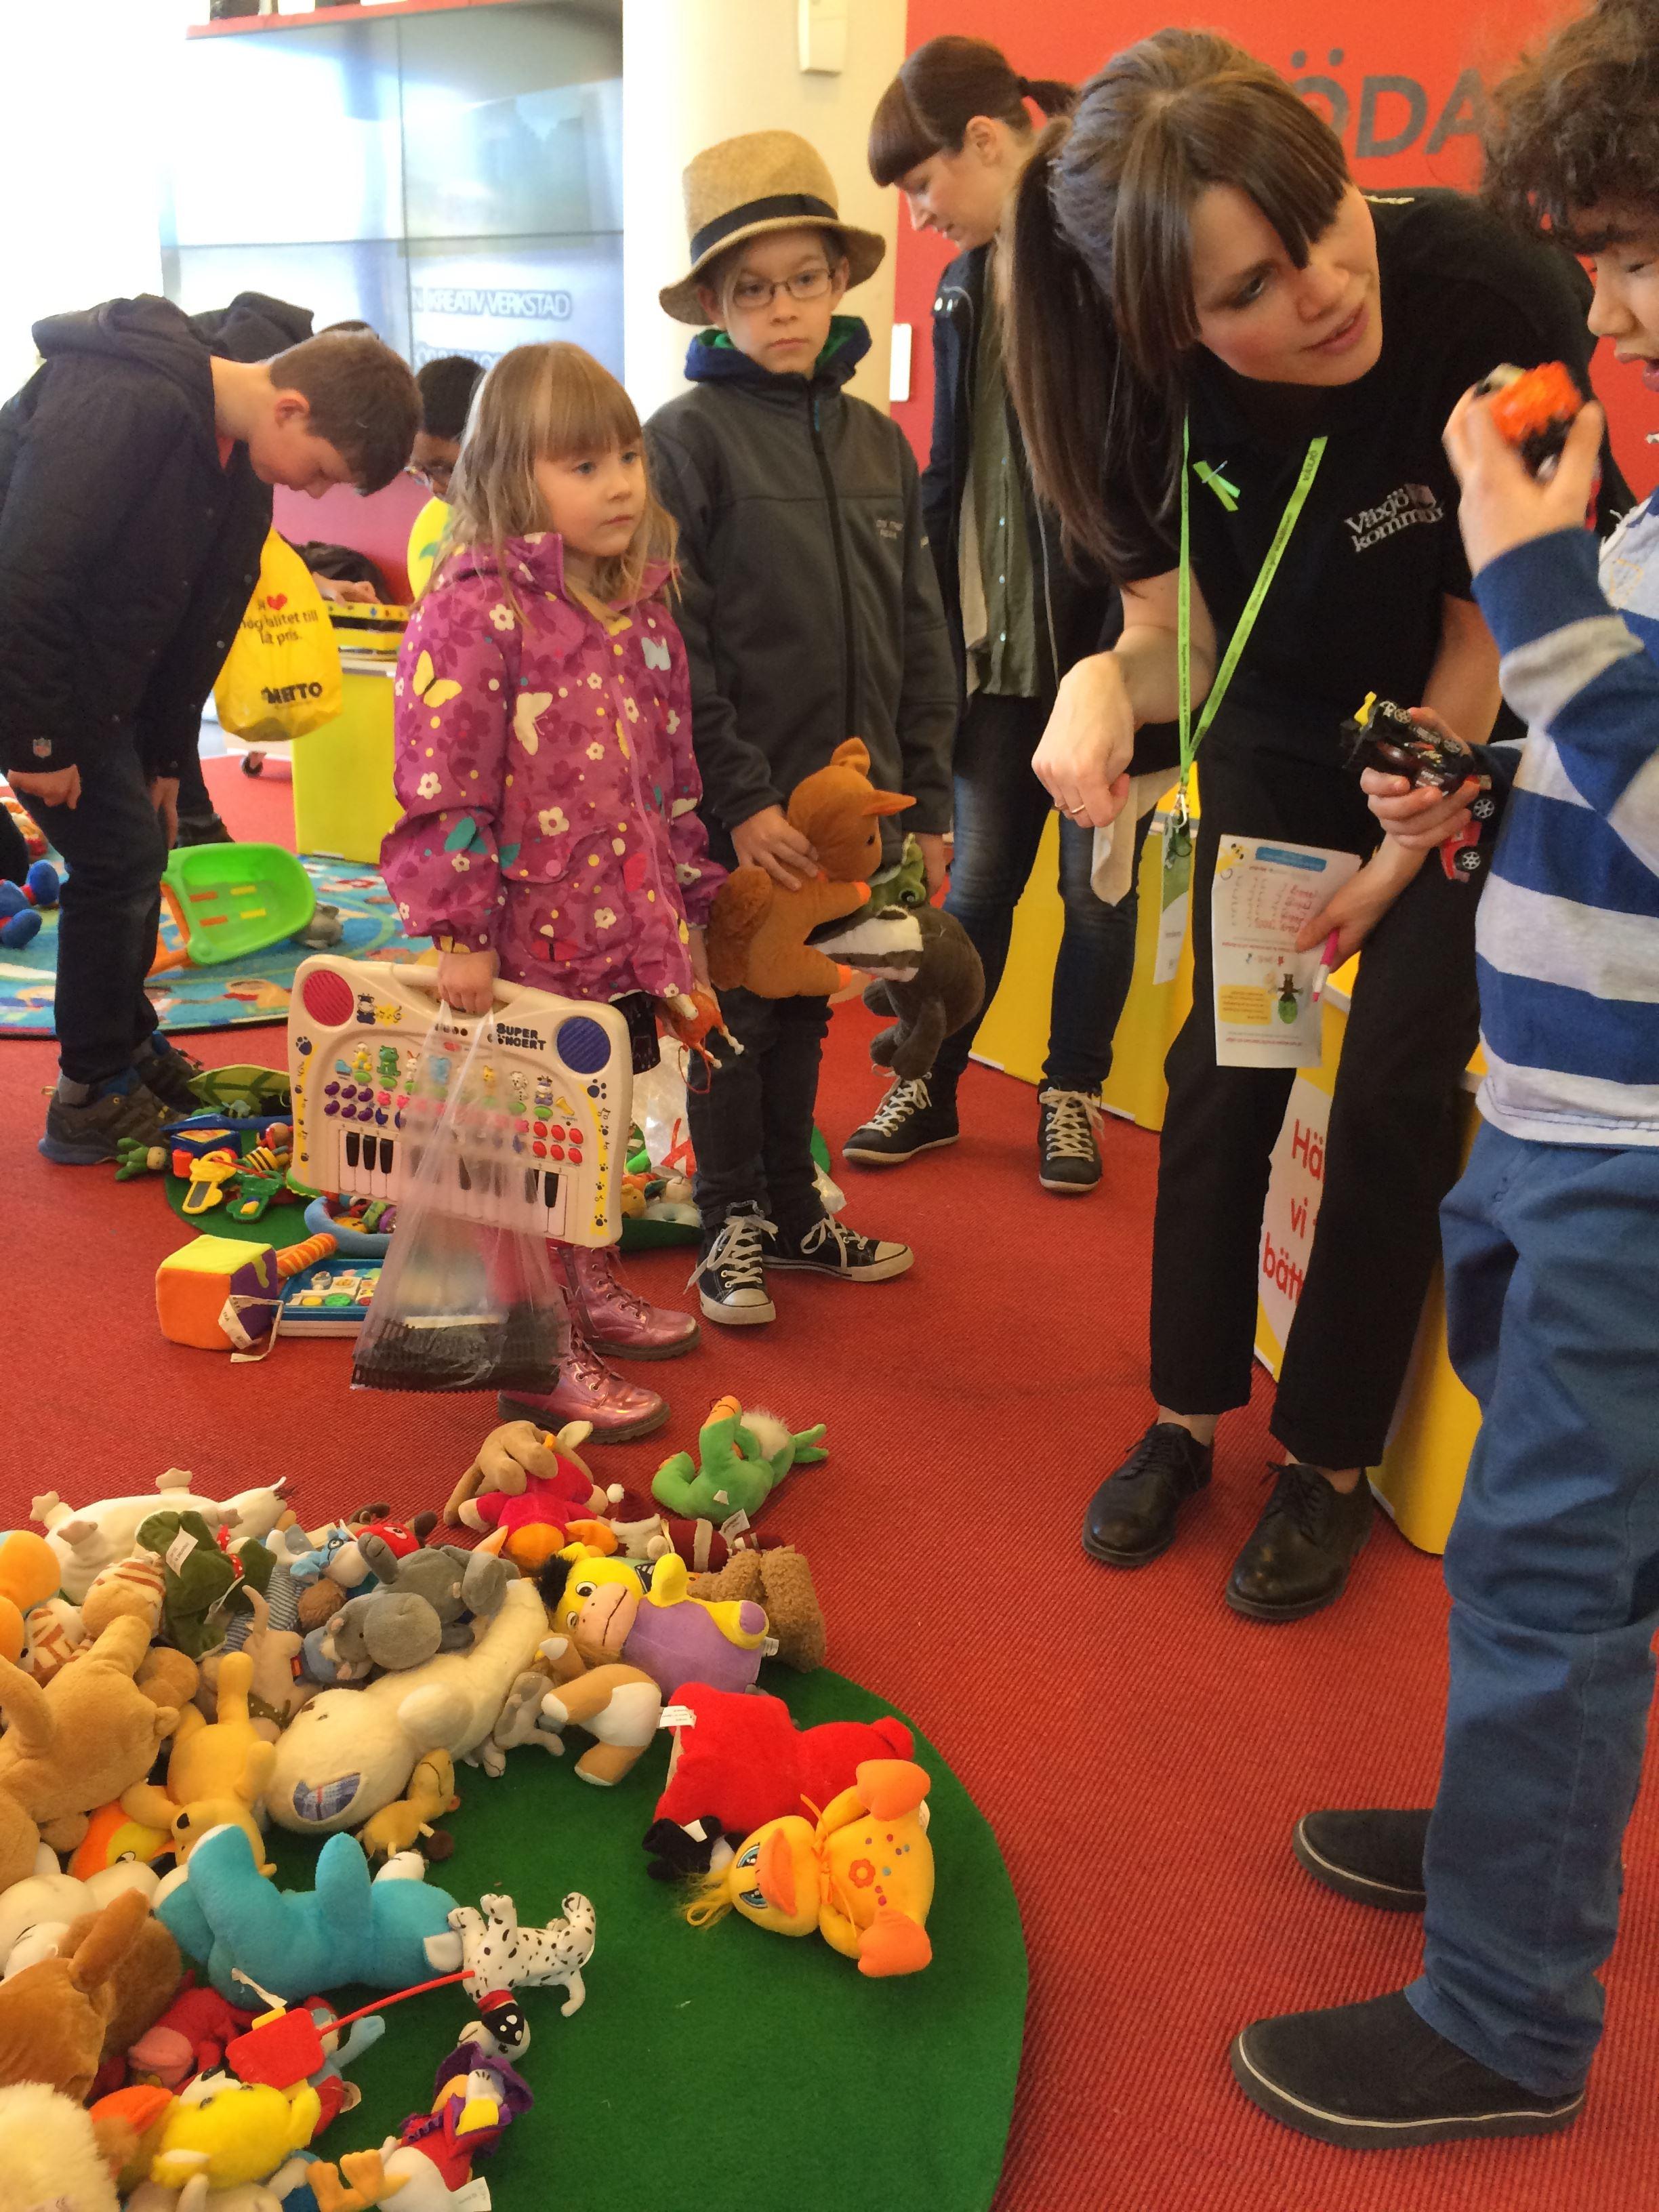 Byt och skapa leksaker med Retoy